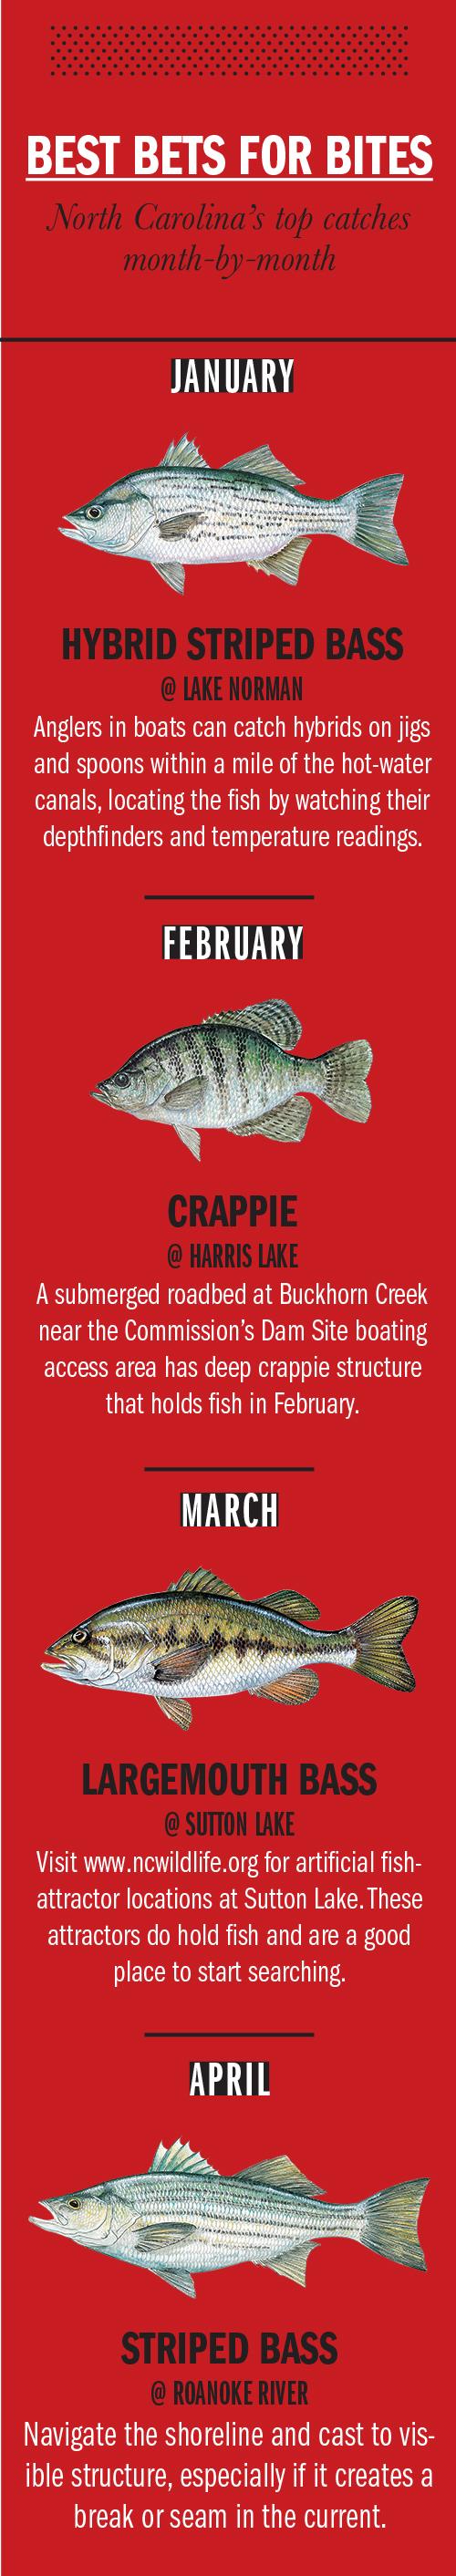 2018 North Carolina Fishing Calendar